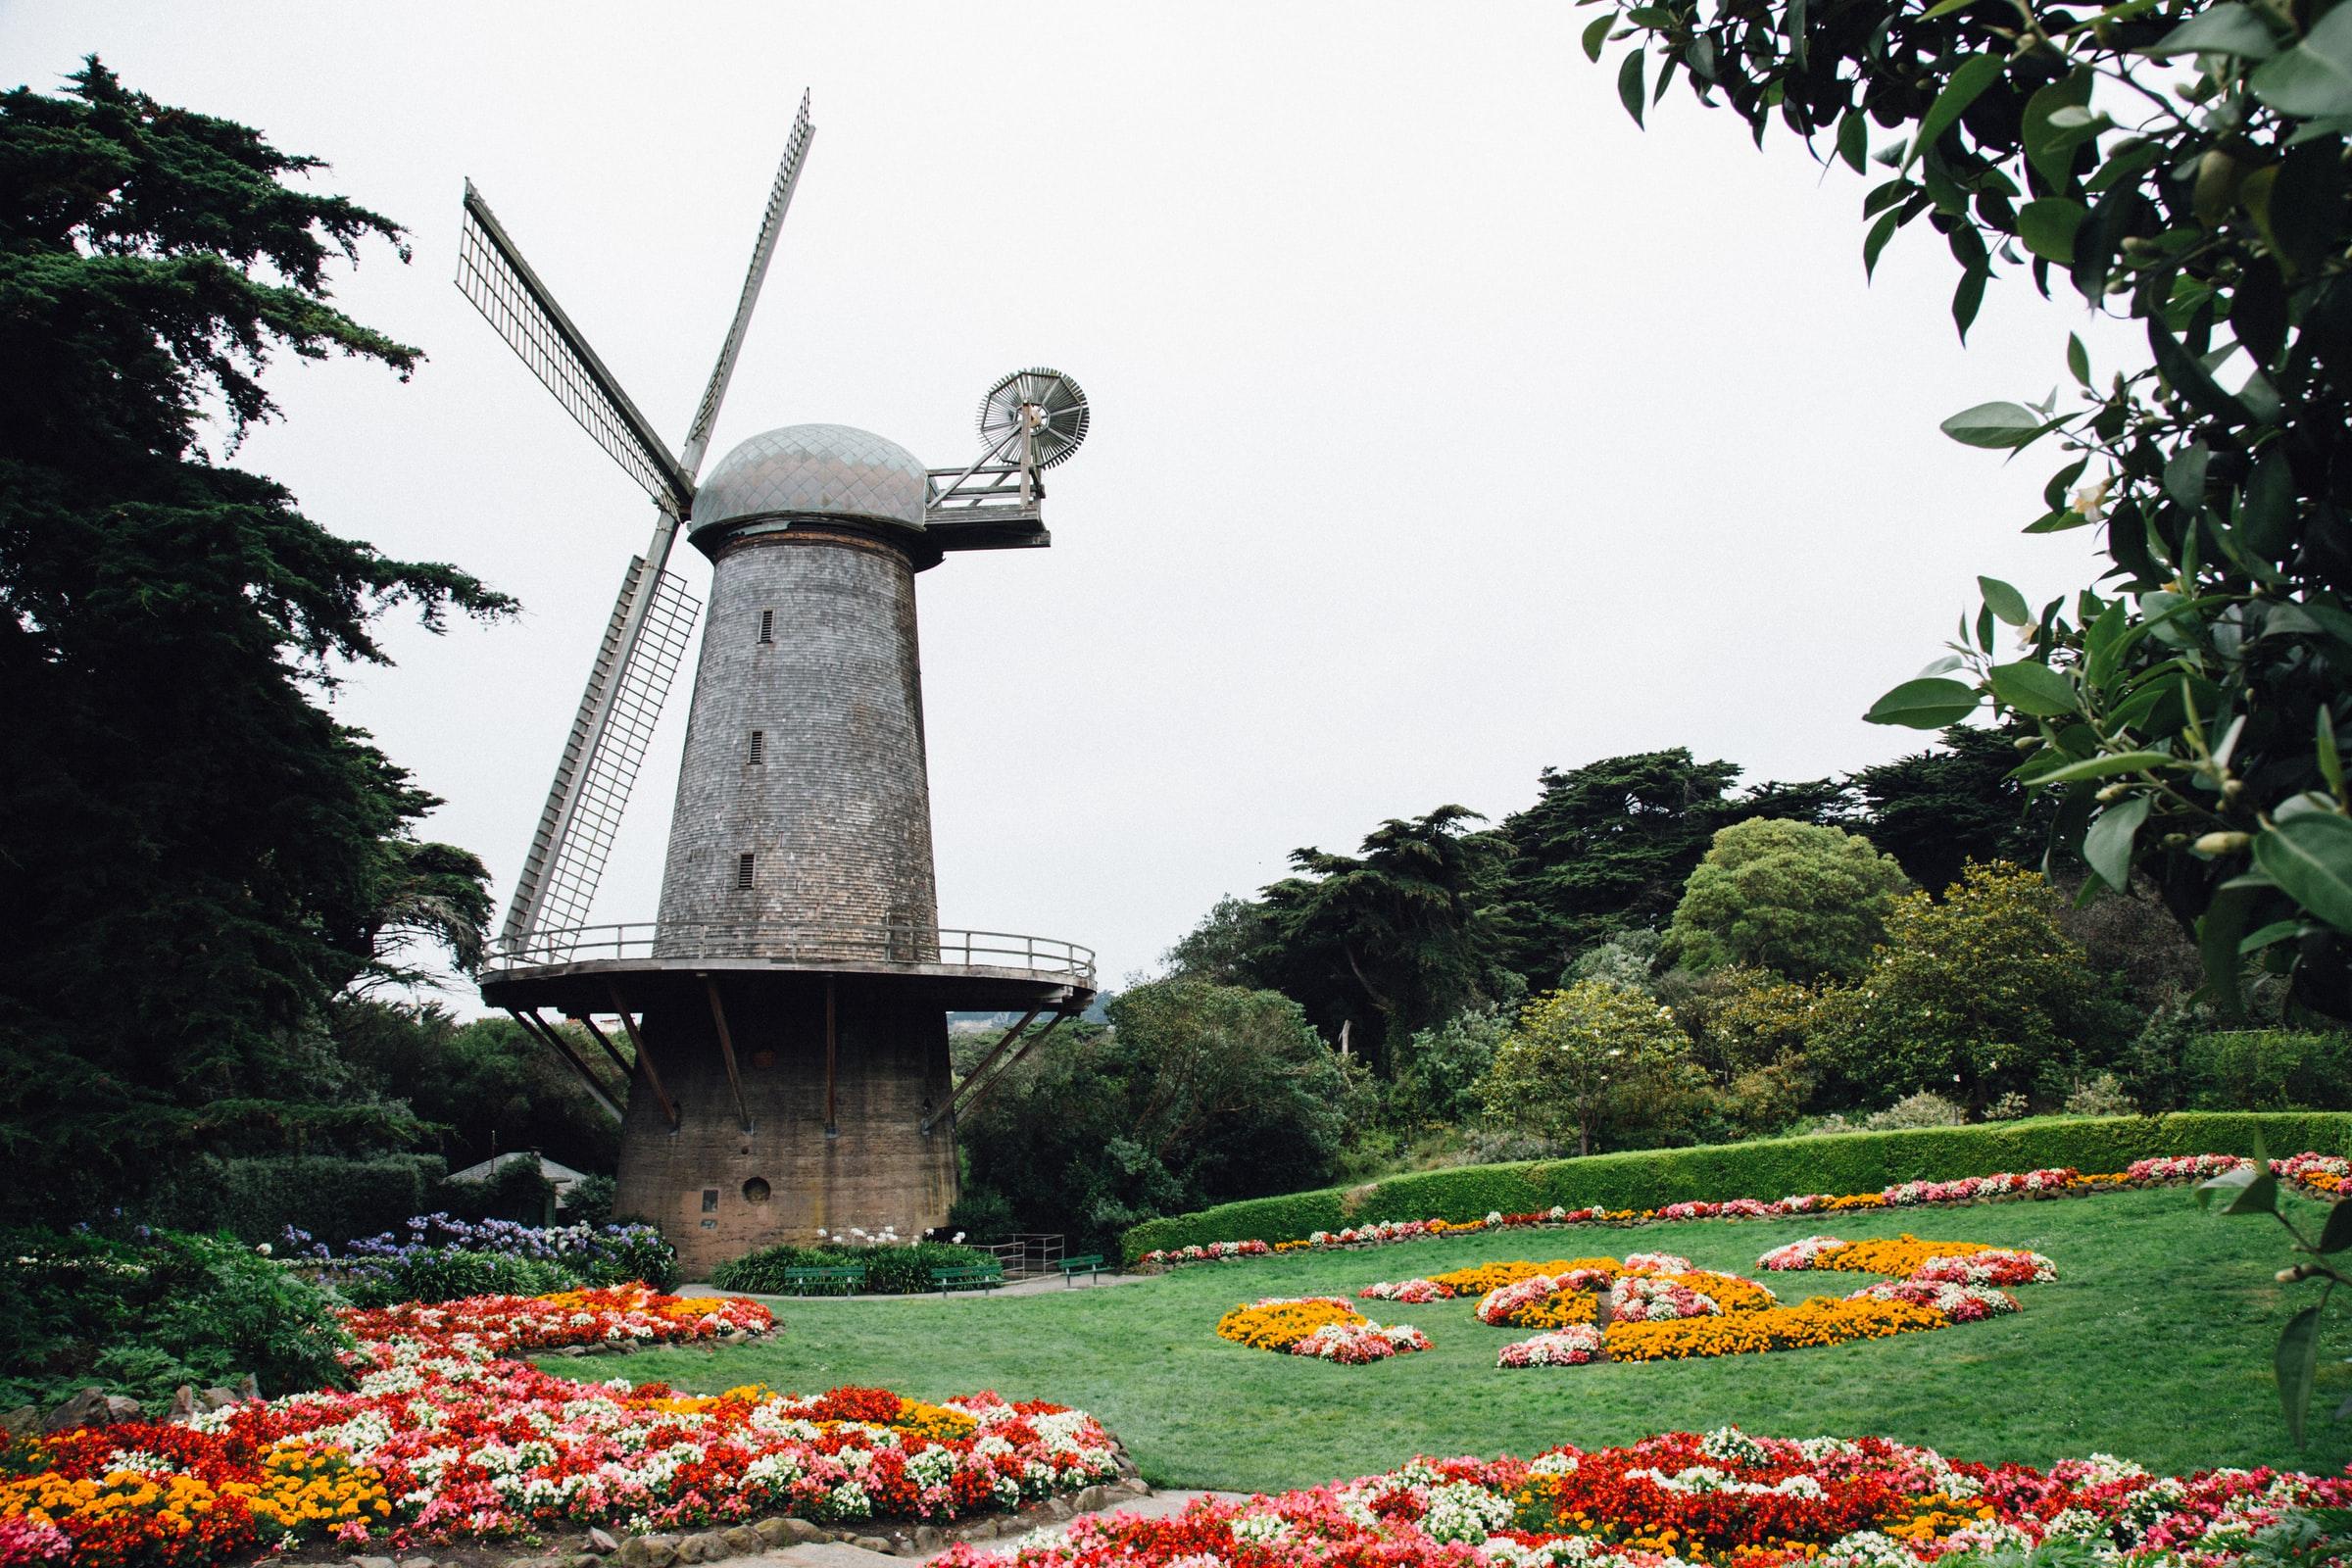 The Dutch Windmill